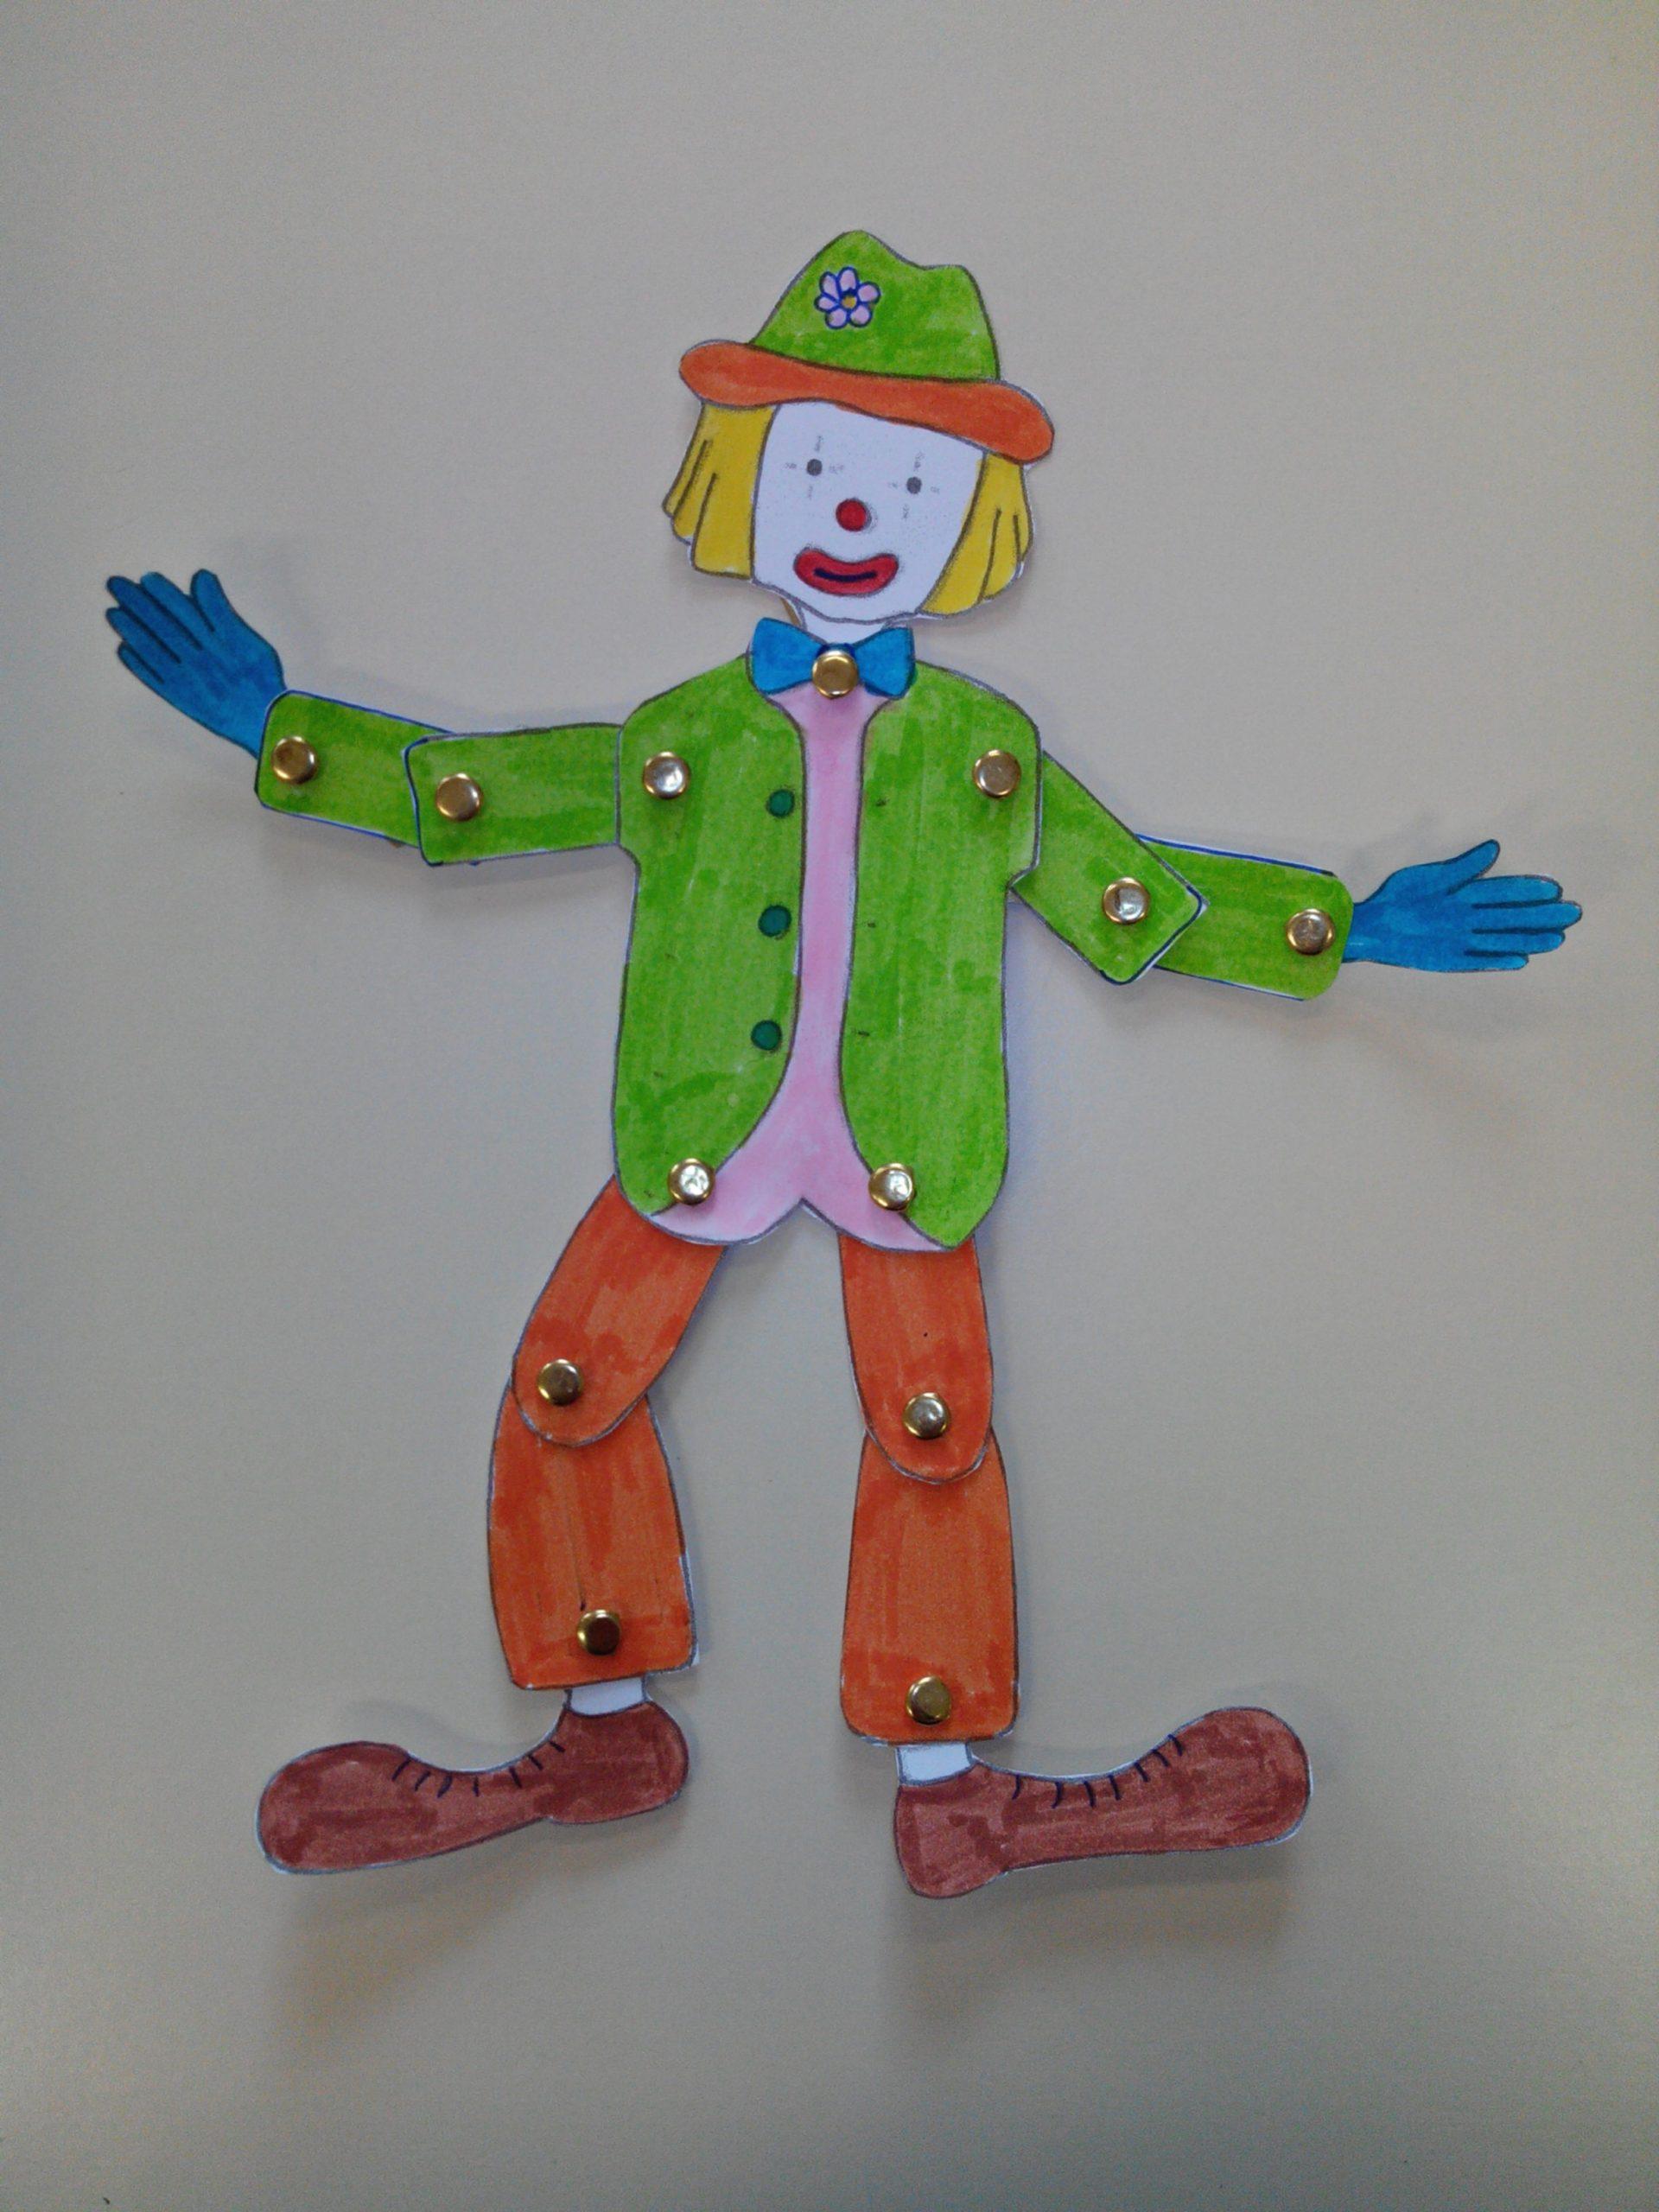 Fabriquer Un Clown Articulé | Ecole Jules Ferry Wahagnies tout Pantin Articulé Patron